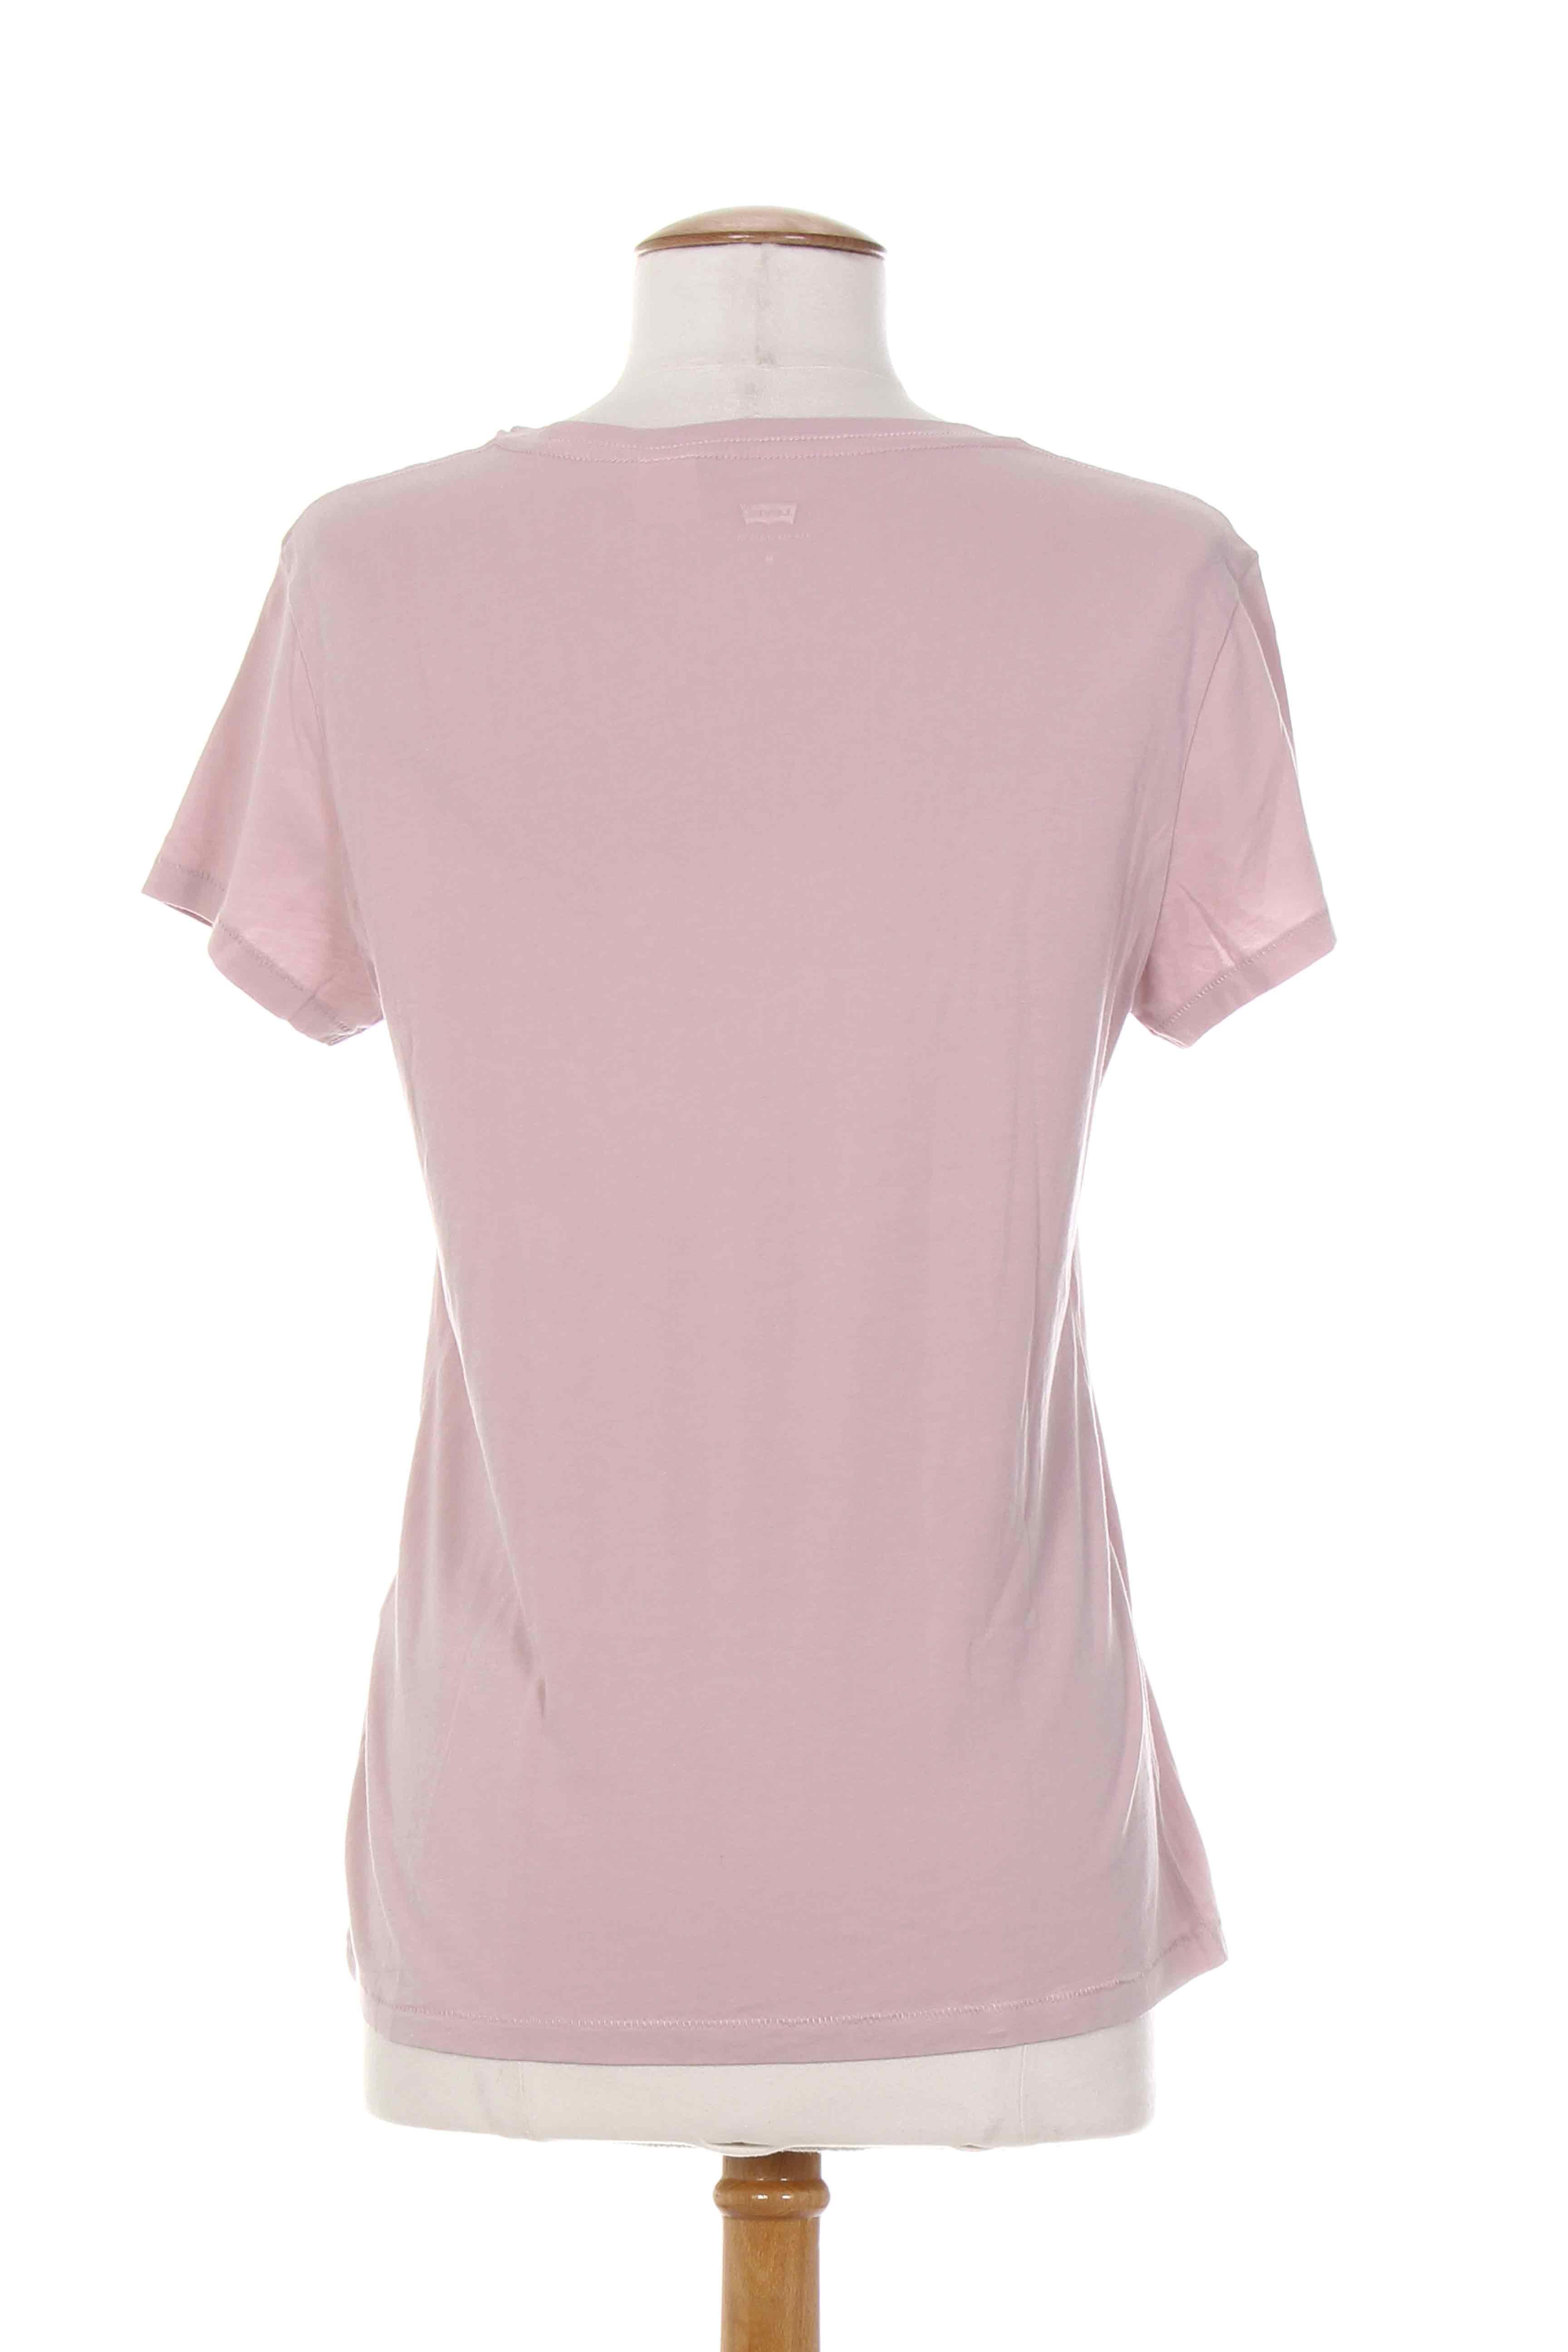 levis manches courtes 1 femme de couleur rose en soldes pas cher 838069 rose00 modz. Black Bedroom Furniture Sets. Home Design Ideas